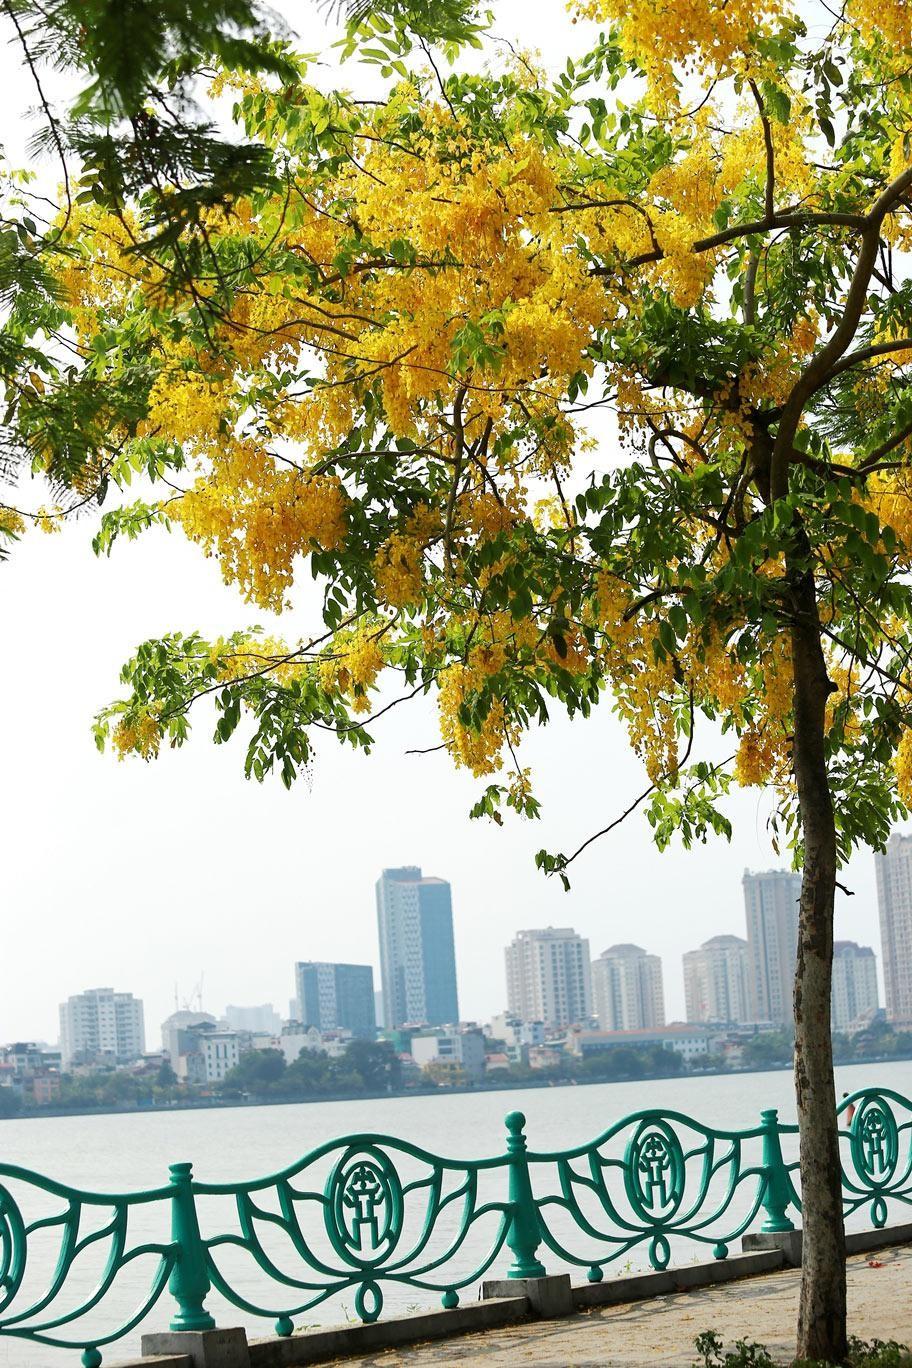 Muồng hoàng yến khoe sắc khắp phố phường Hà Nội ảnh 19